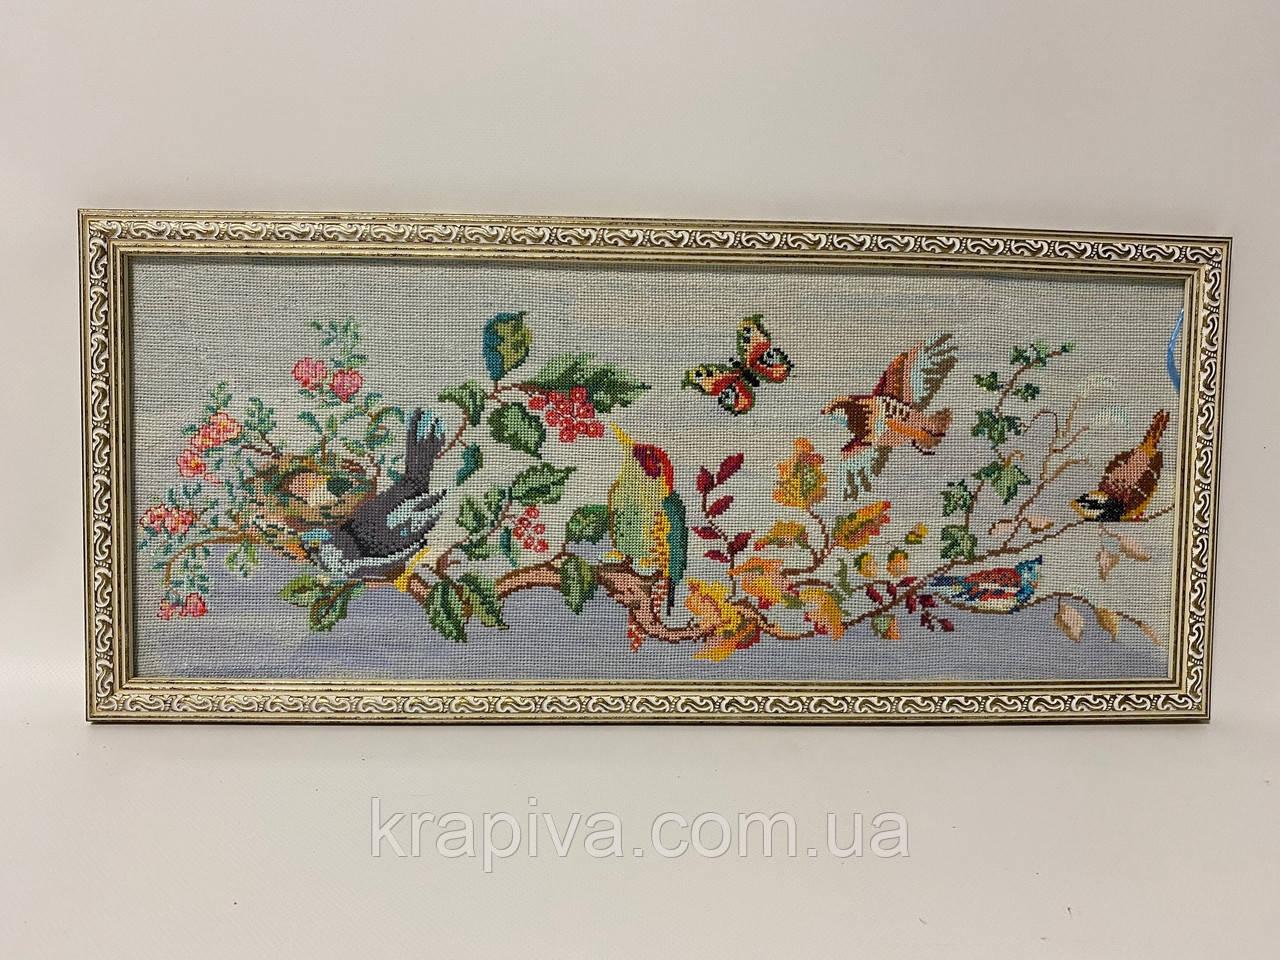 Картина вышивка Райские птицы шелк 54*24 см, ручная работа, картина вишивка ручної роботи